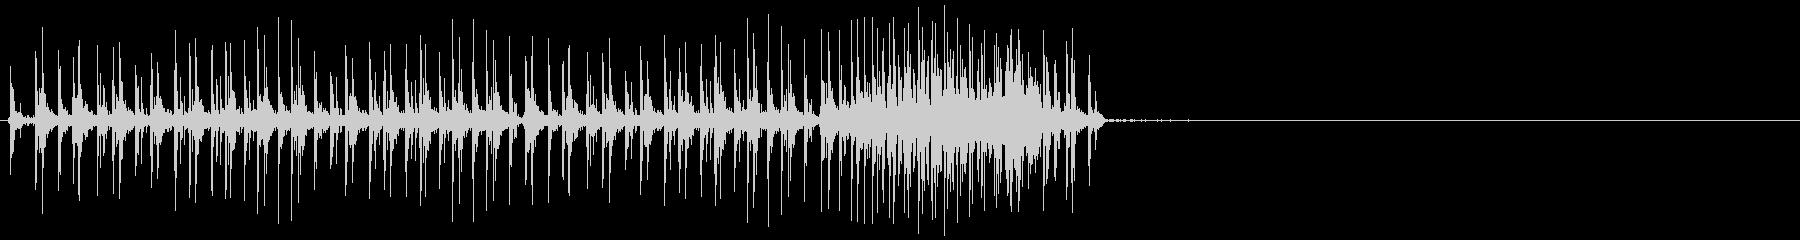 クランク付きラチェット:中型風、漫...の未再生の波形